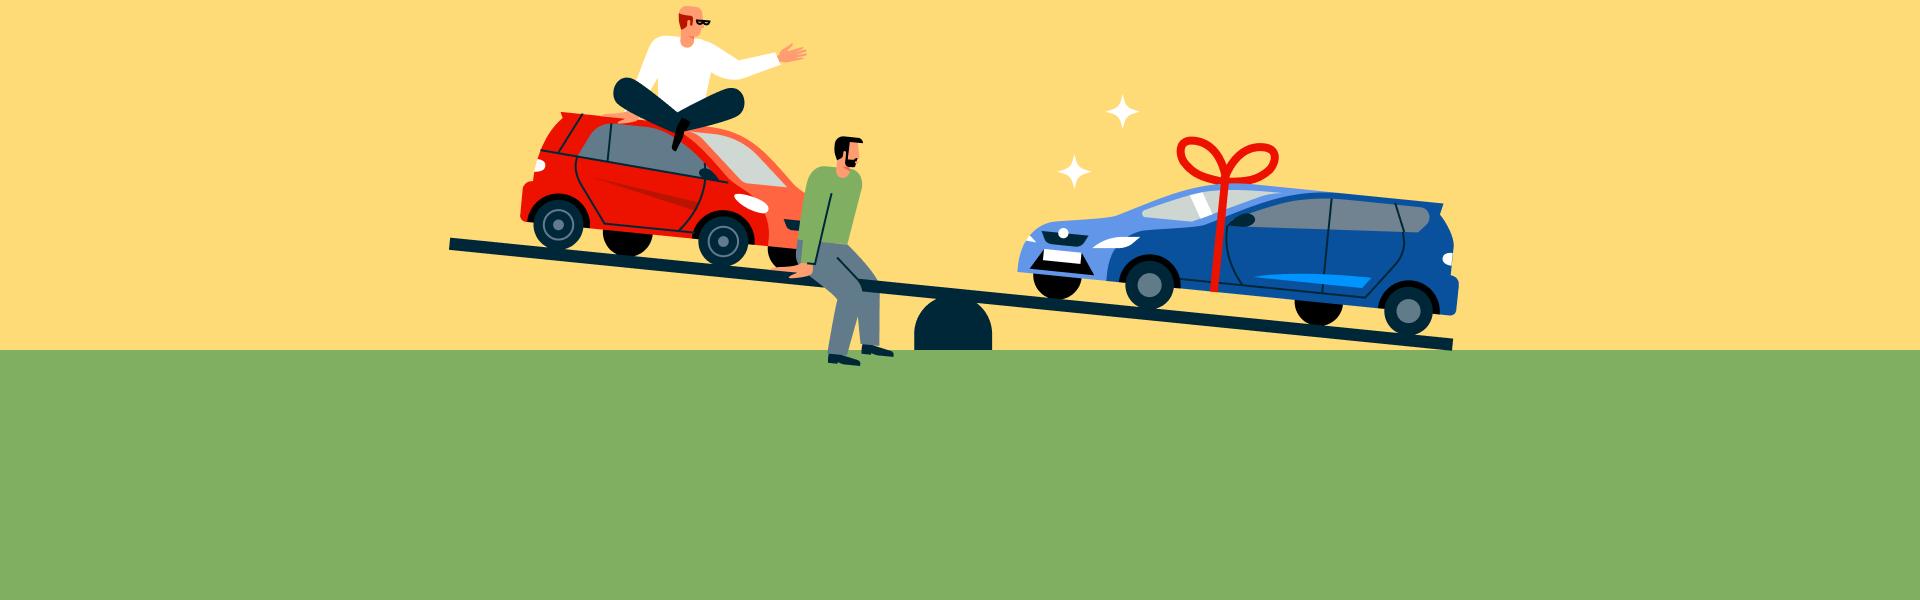 Как купить авто если нет денег залоговые автомобили продажа а казани